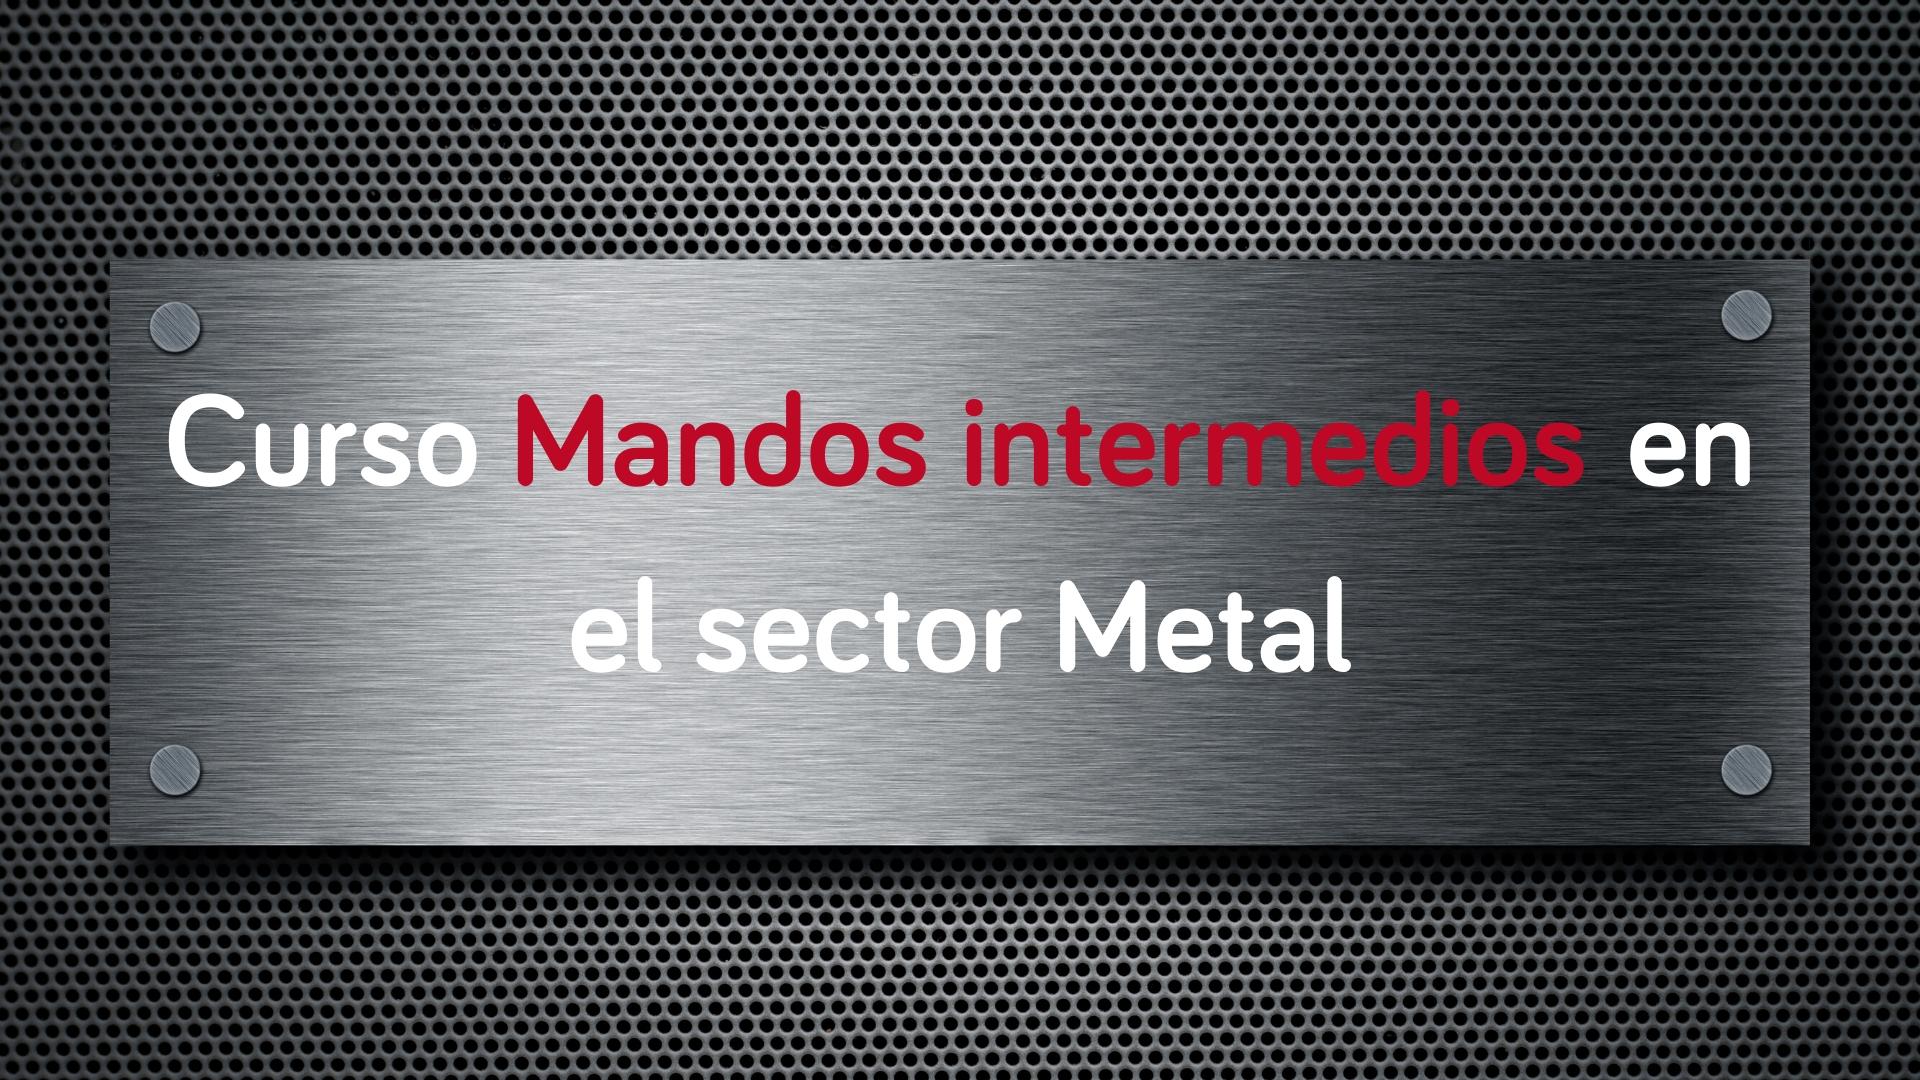 curso-mandos-intermedios-metal